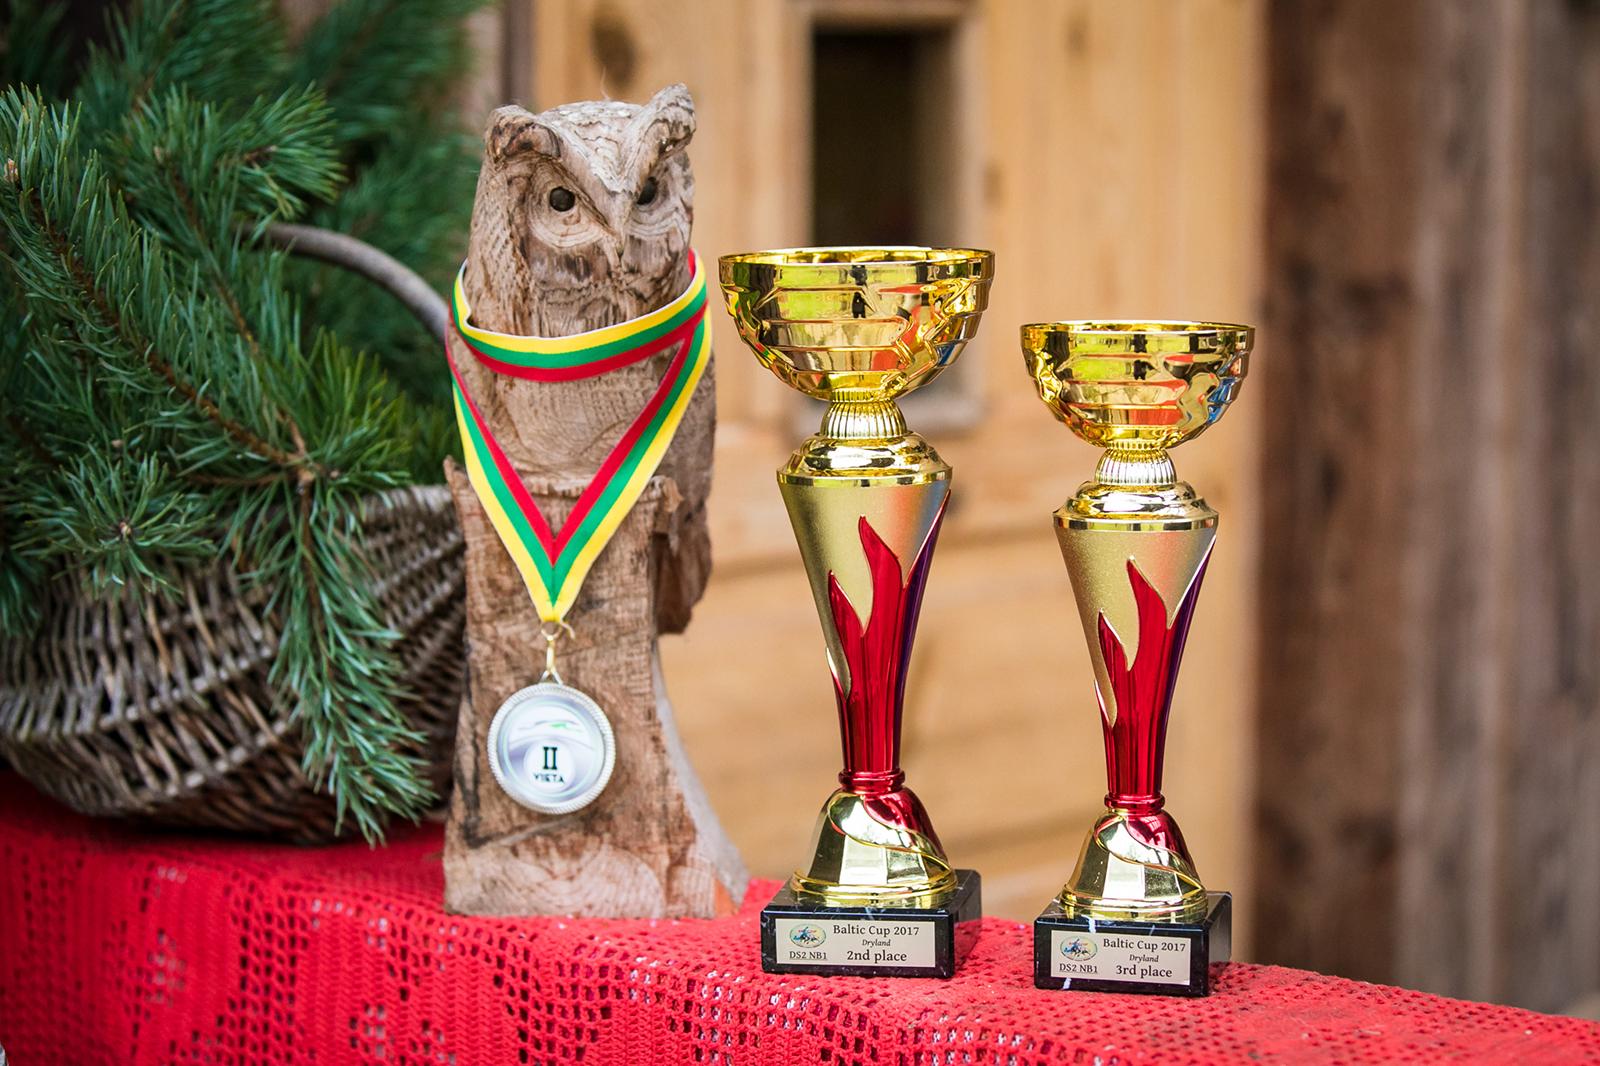 Baltic Cup 2017 koeerte veospordi võistlus